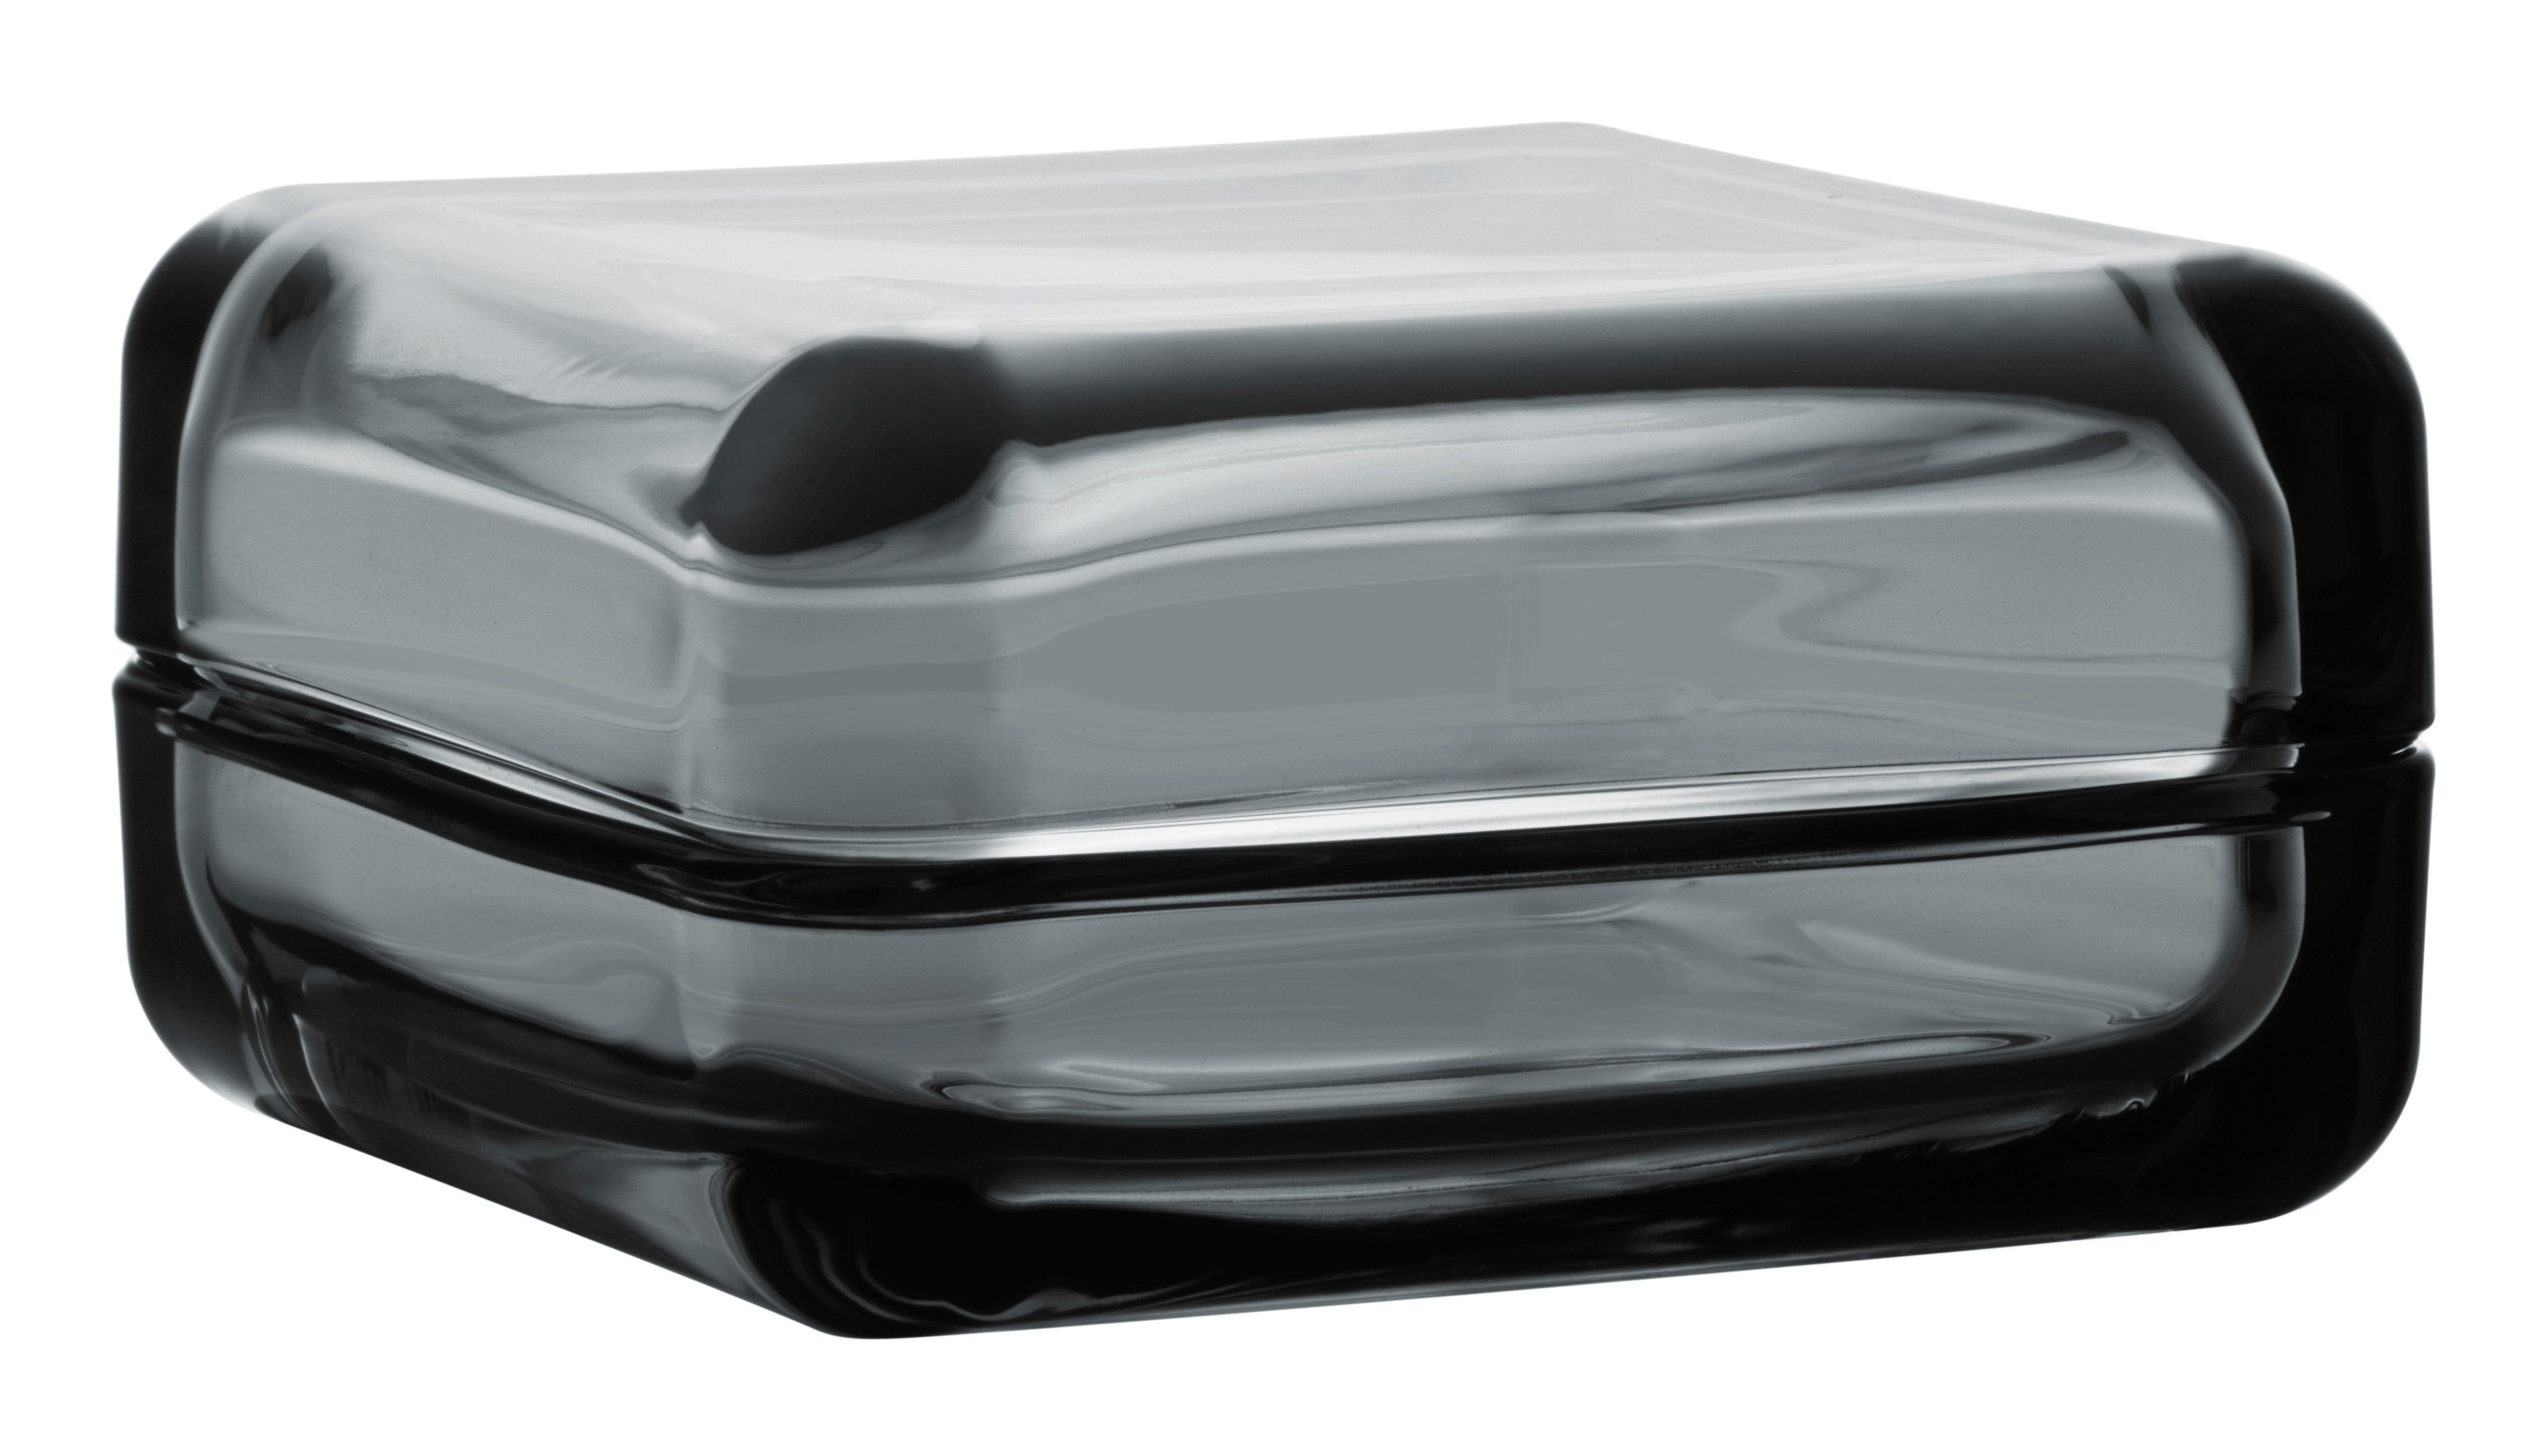 Déco - Boîtes déco - Boîte Vitriini / 11 x 11 cm - Iittala - Gris - Verre